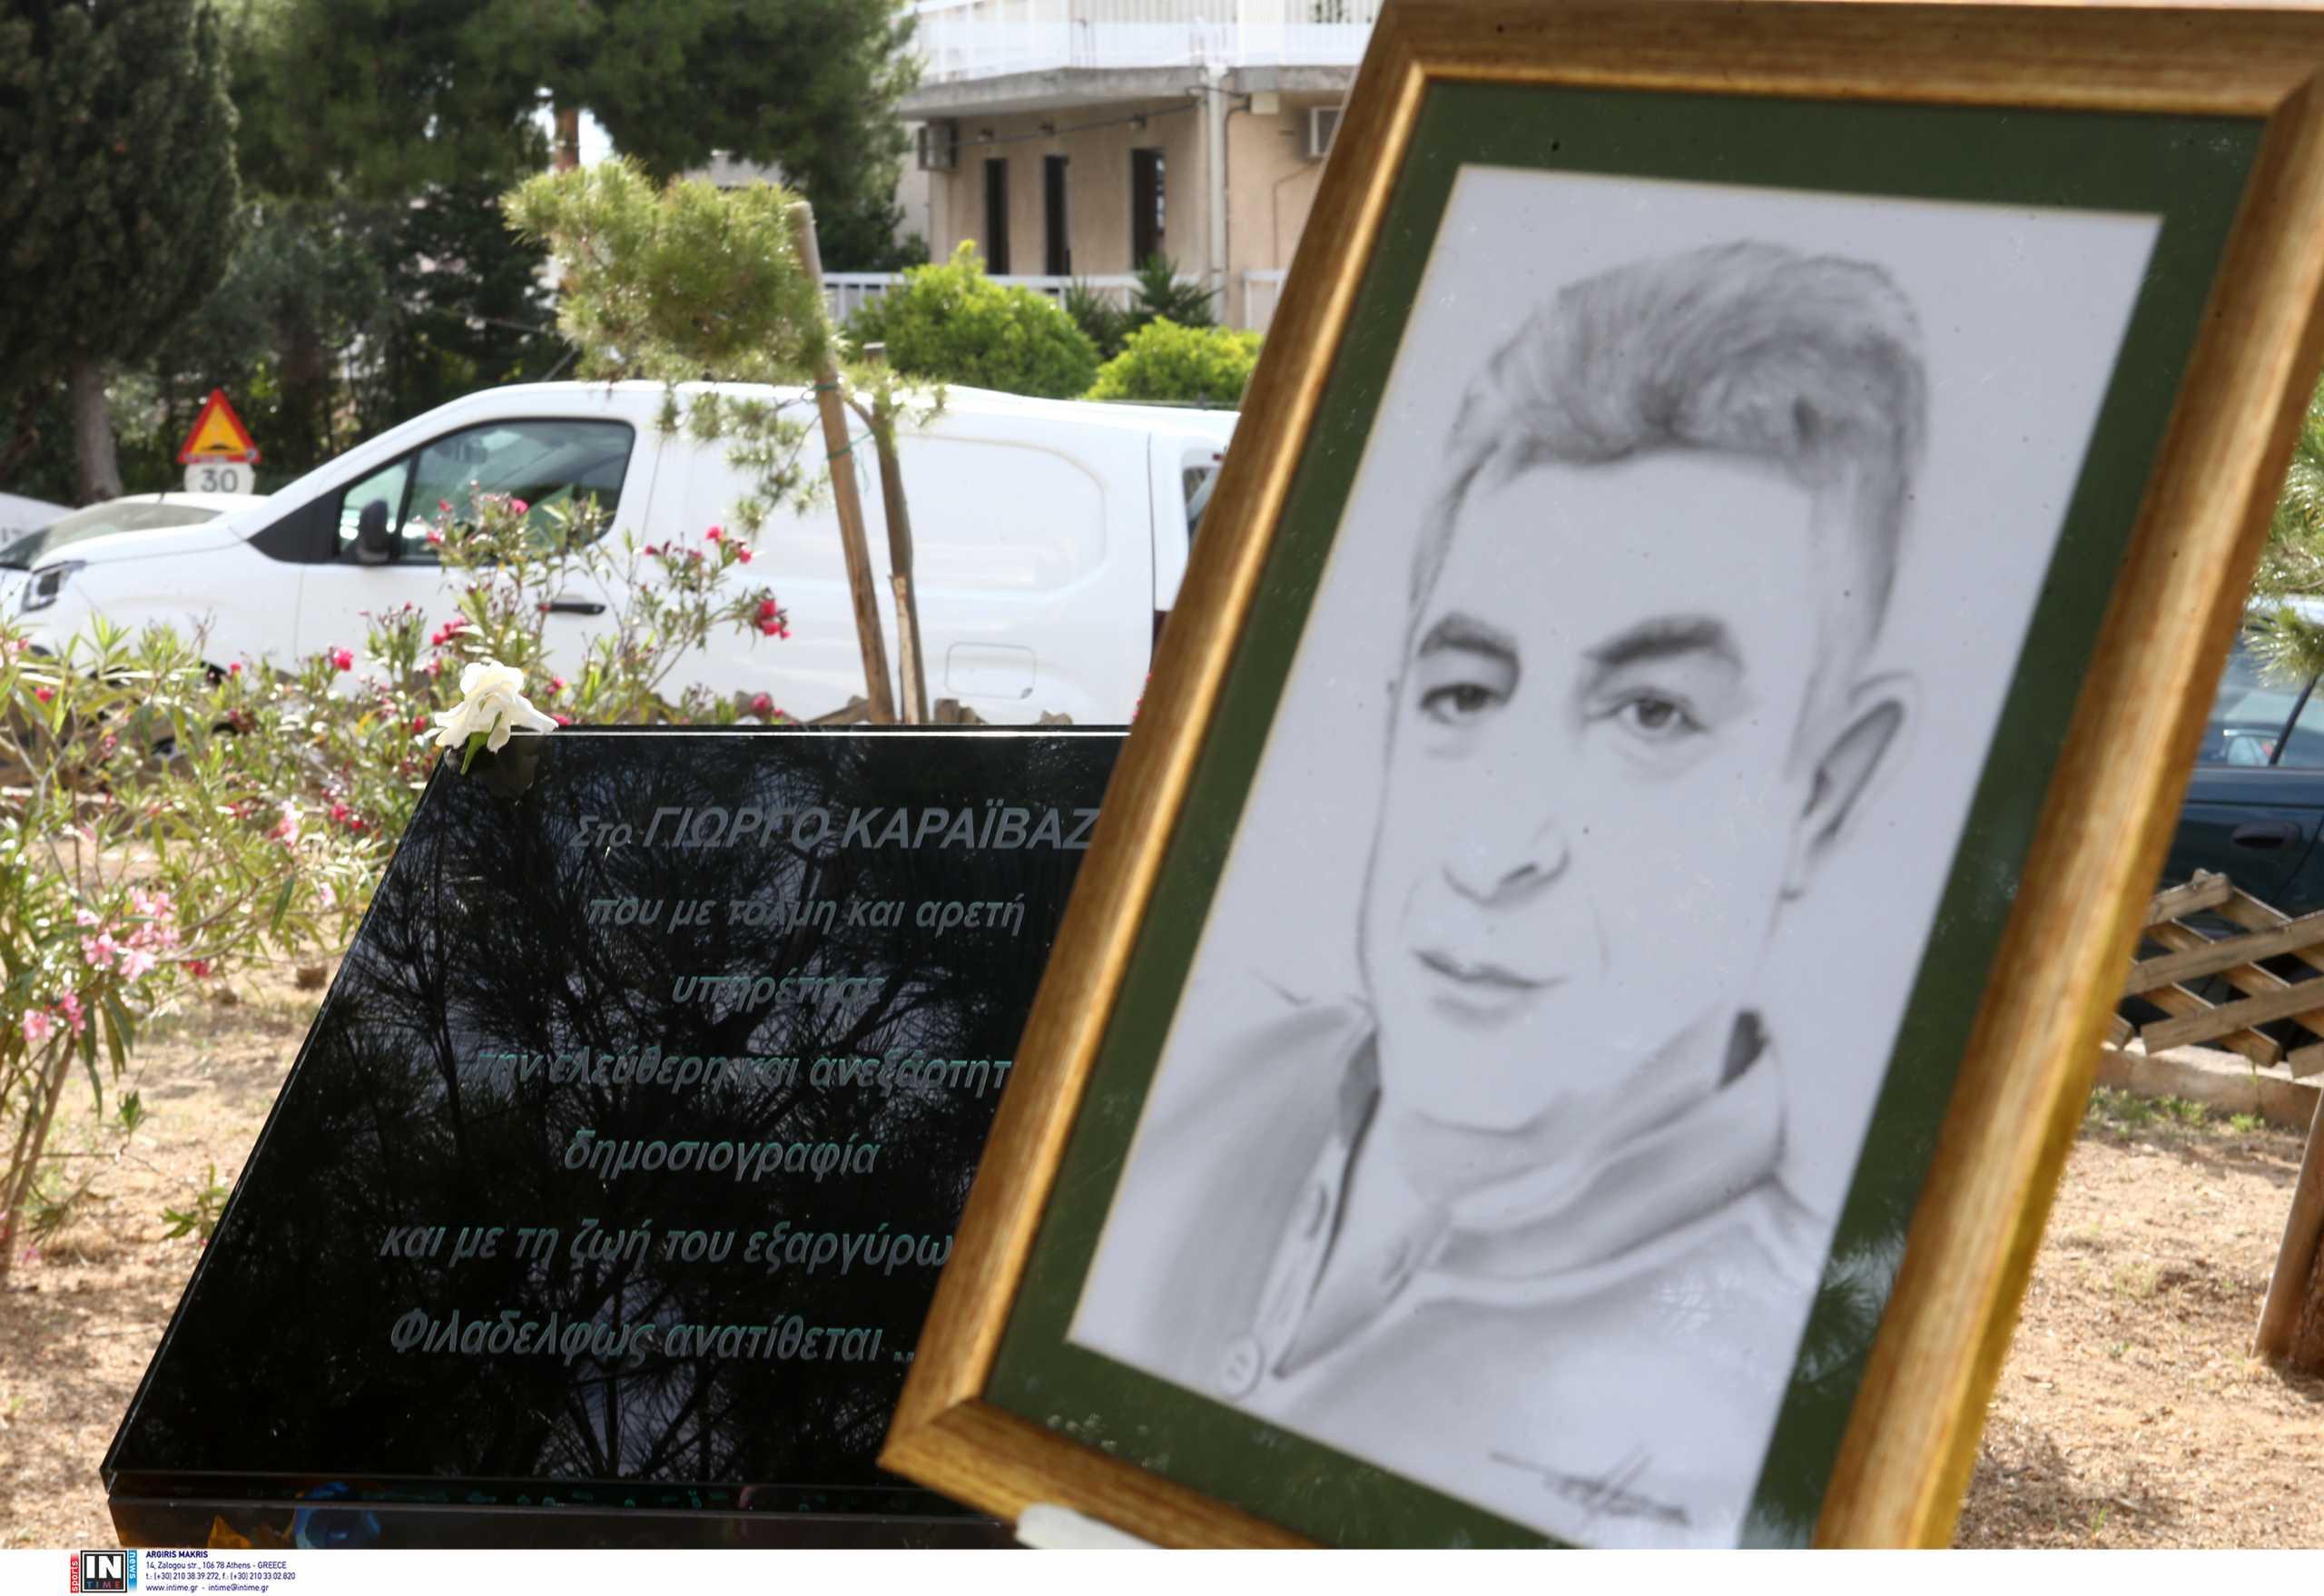 Τρισάγιο για τον Γιώργο Καραϊβάζ 40 ημέρες από τη δολοφονία του δημοσιογράφου (pics)